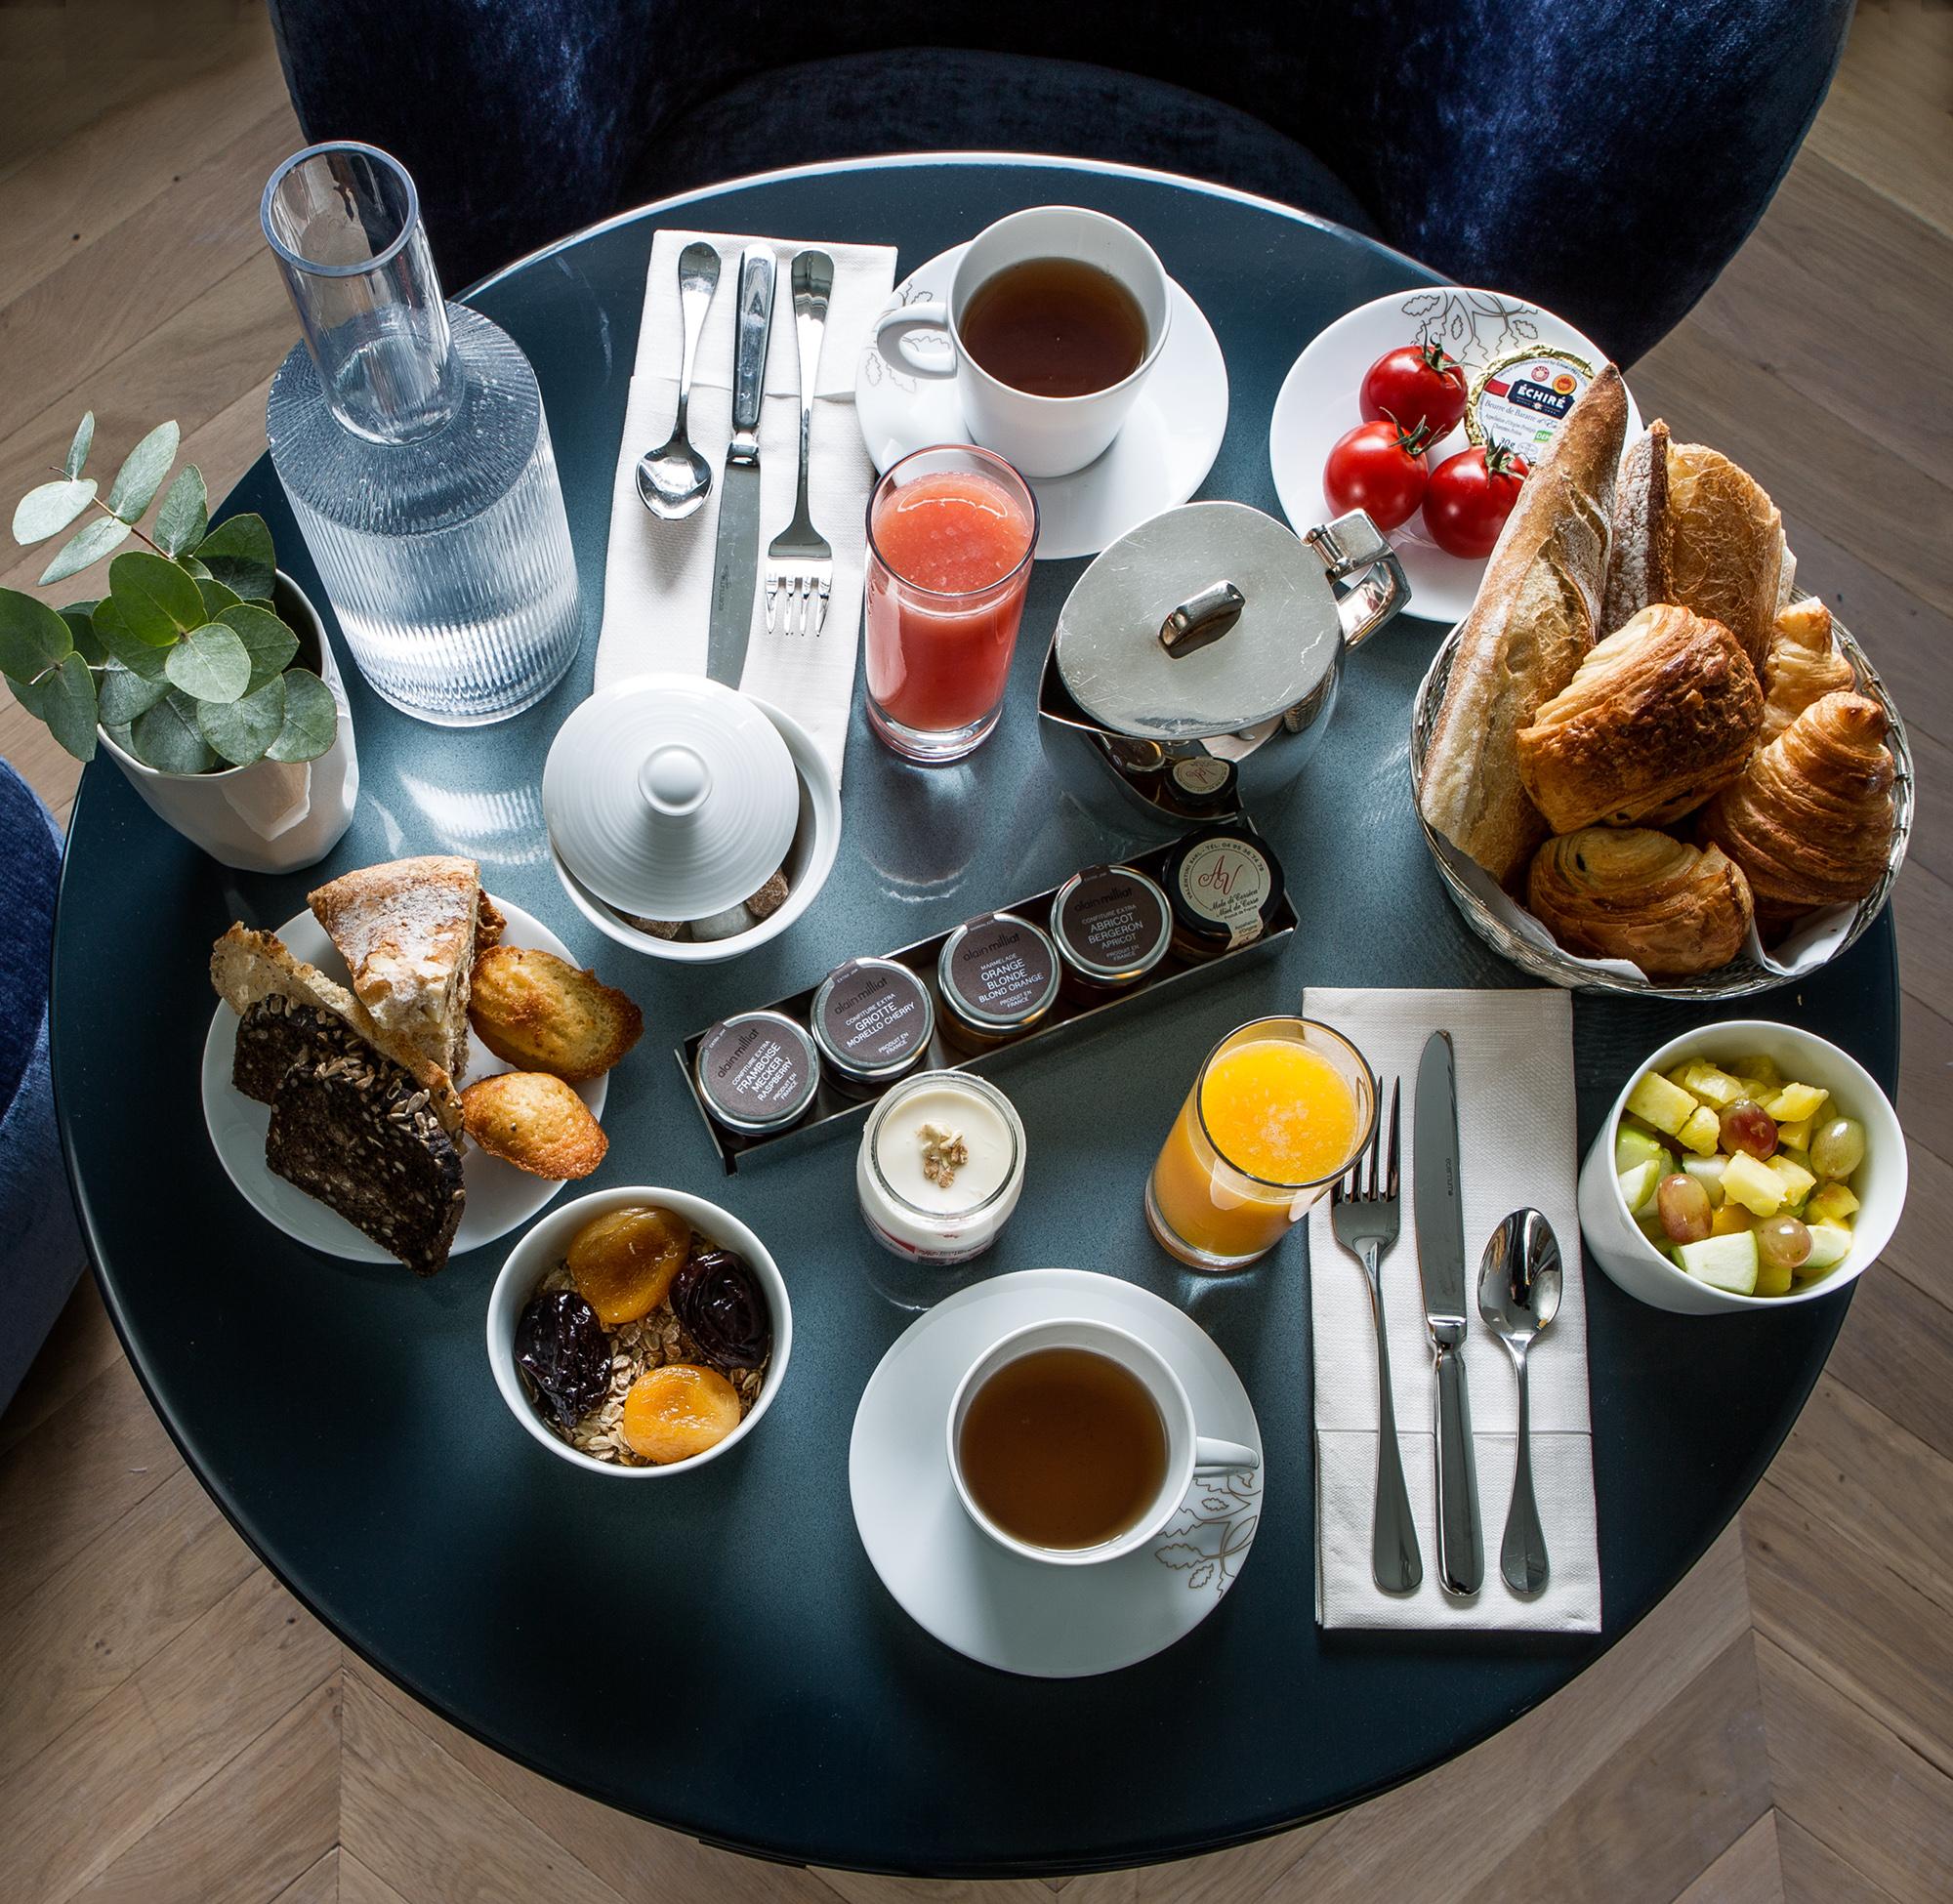 offre-speciale-petit-dejeuner-inclus-Maison-Armance-Paris